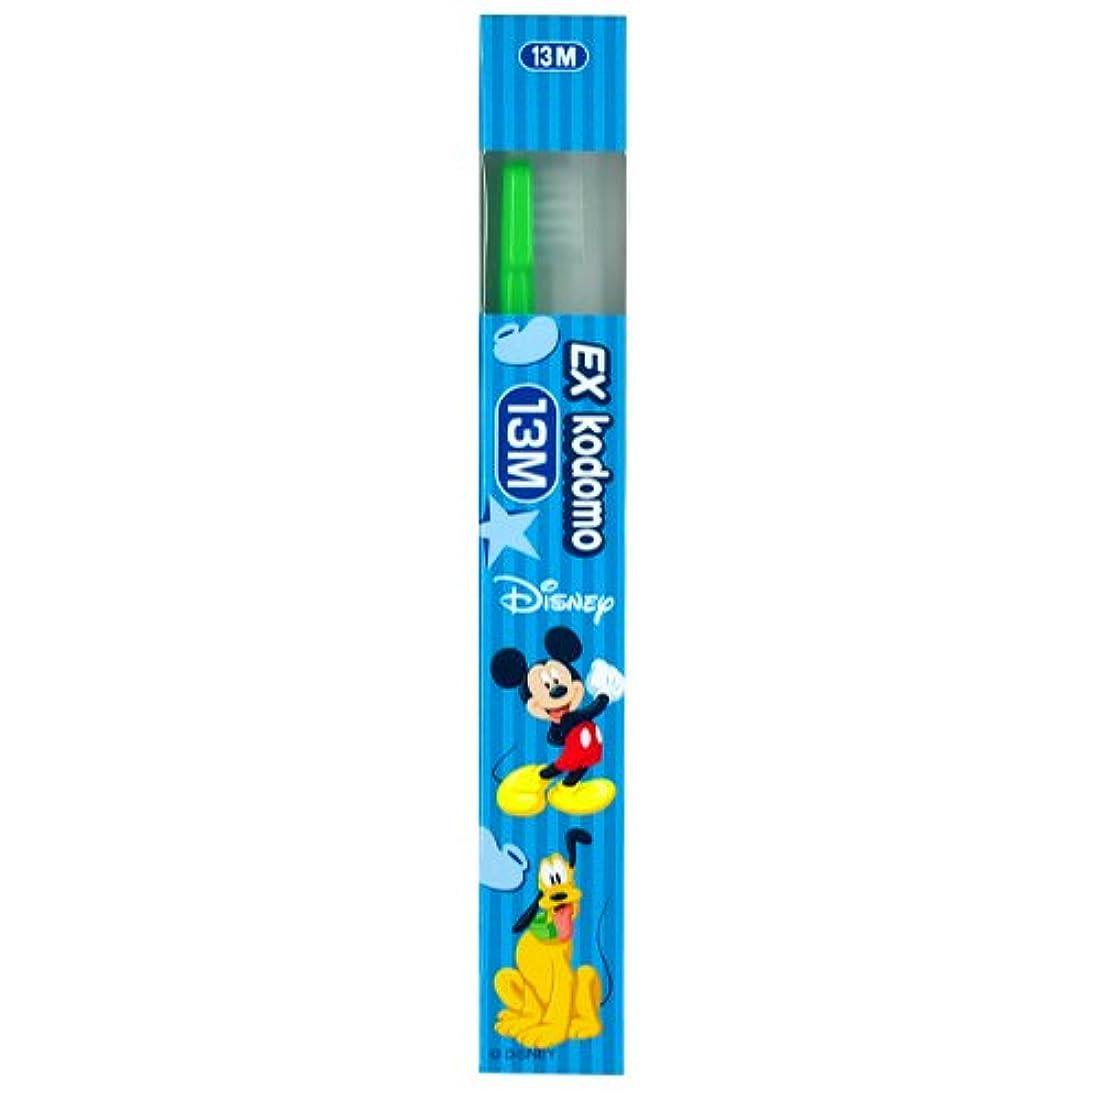 爆弾ウェイター欠伸ライオン EX kodomo ディズニー 歯ブラシ 1本 13M グリーン